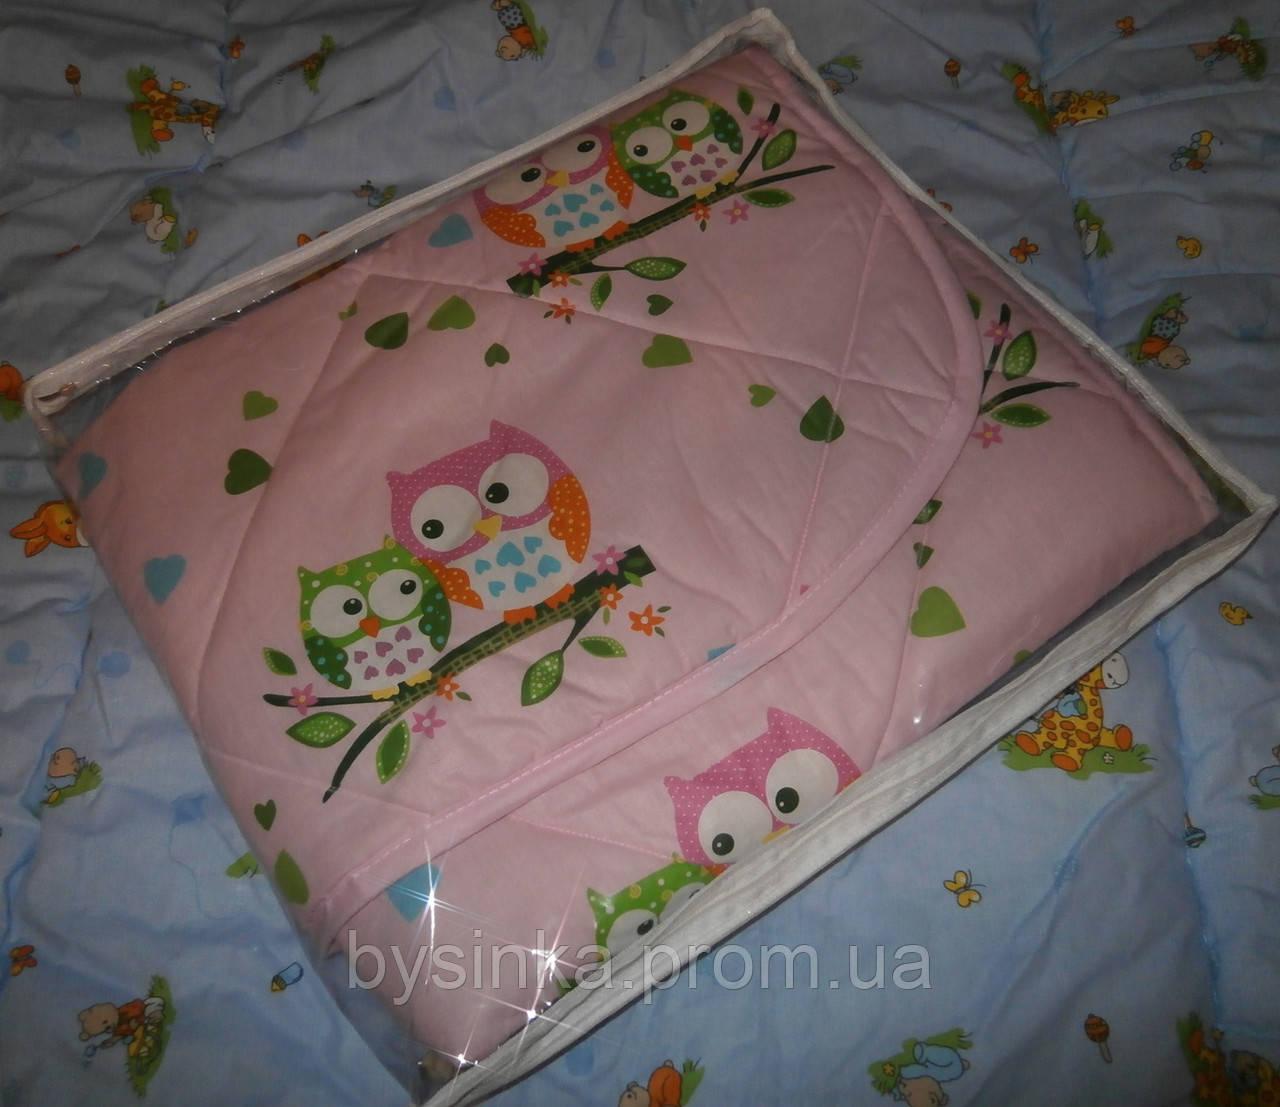 Одеяло-плед легкое -детское (двухстороннее)